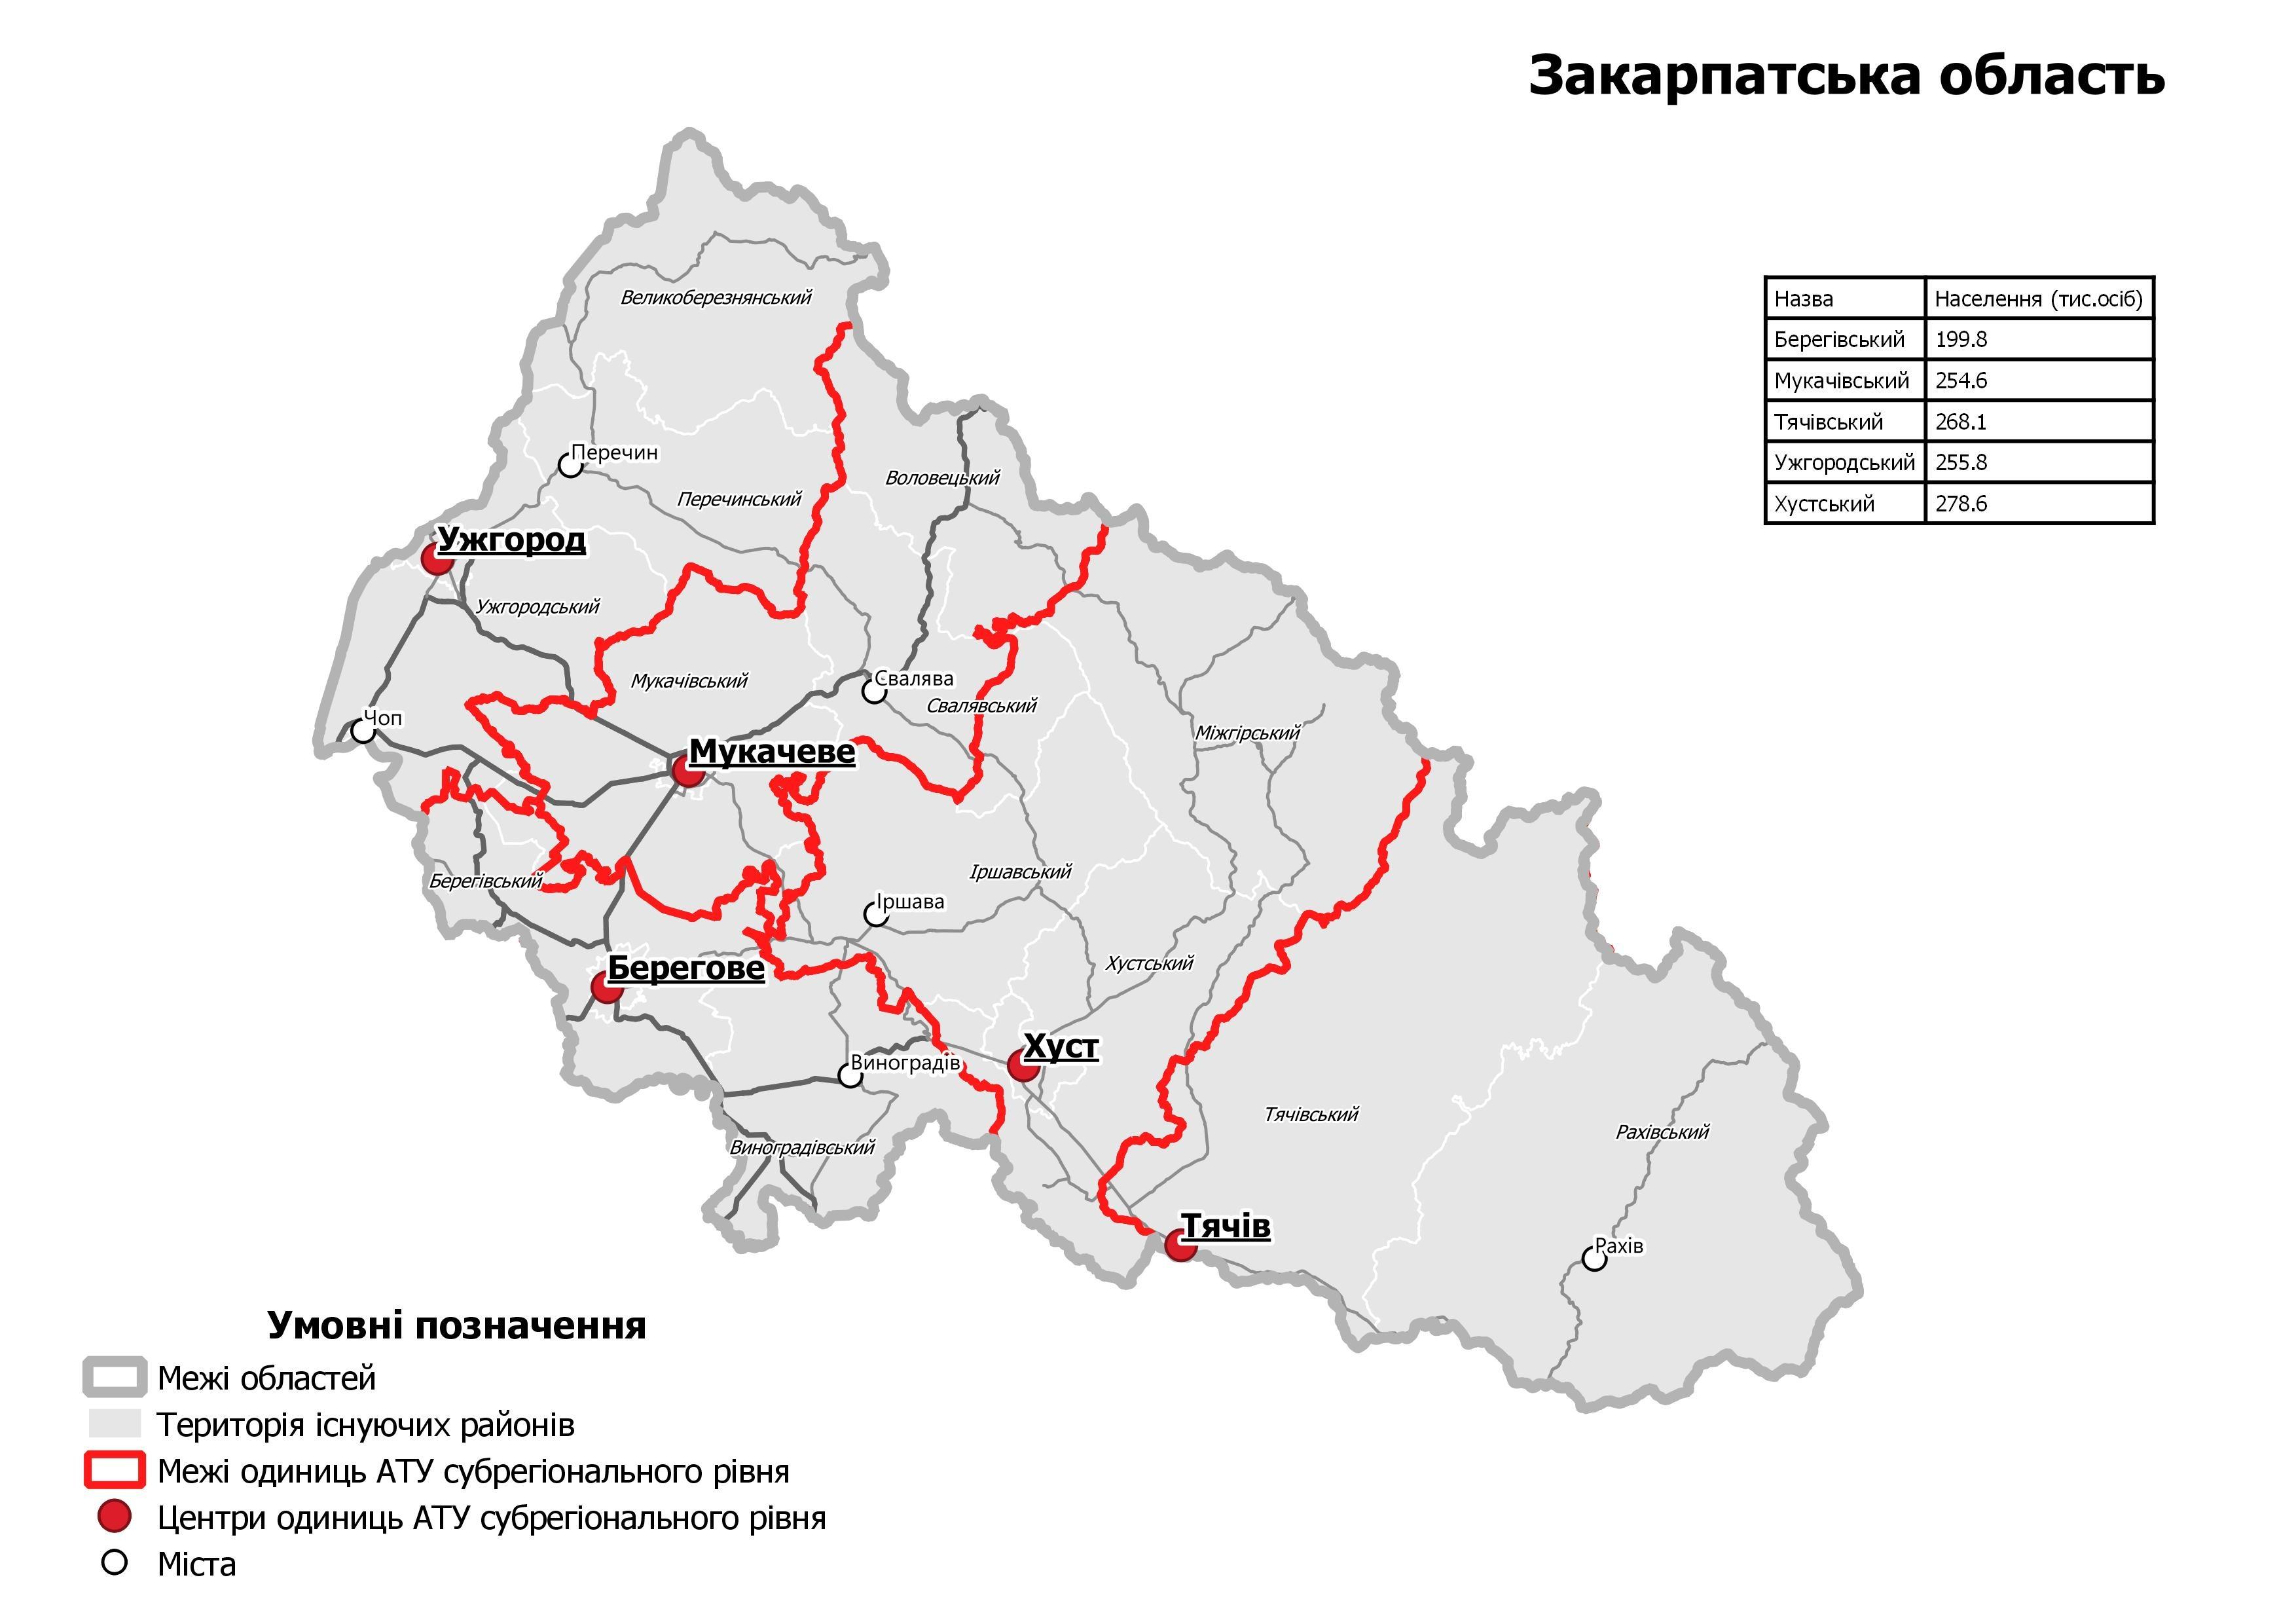 Ожидается что после реформы в Закарпатской области будет четыре района. Инфографика